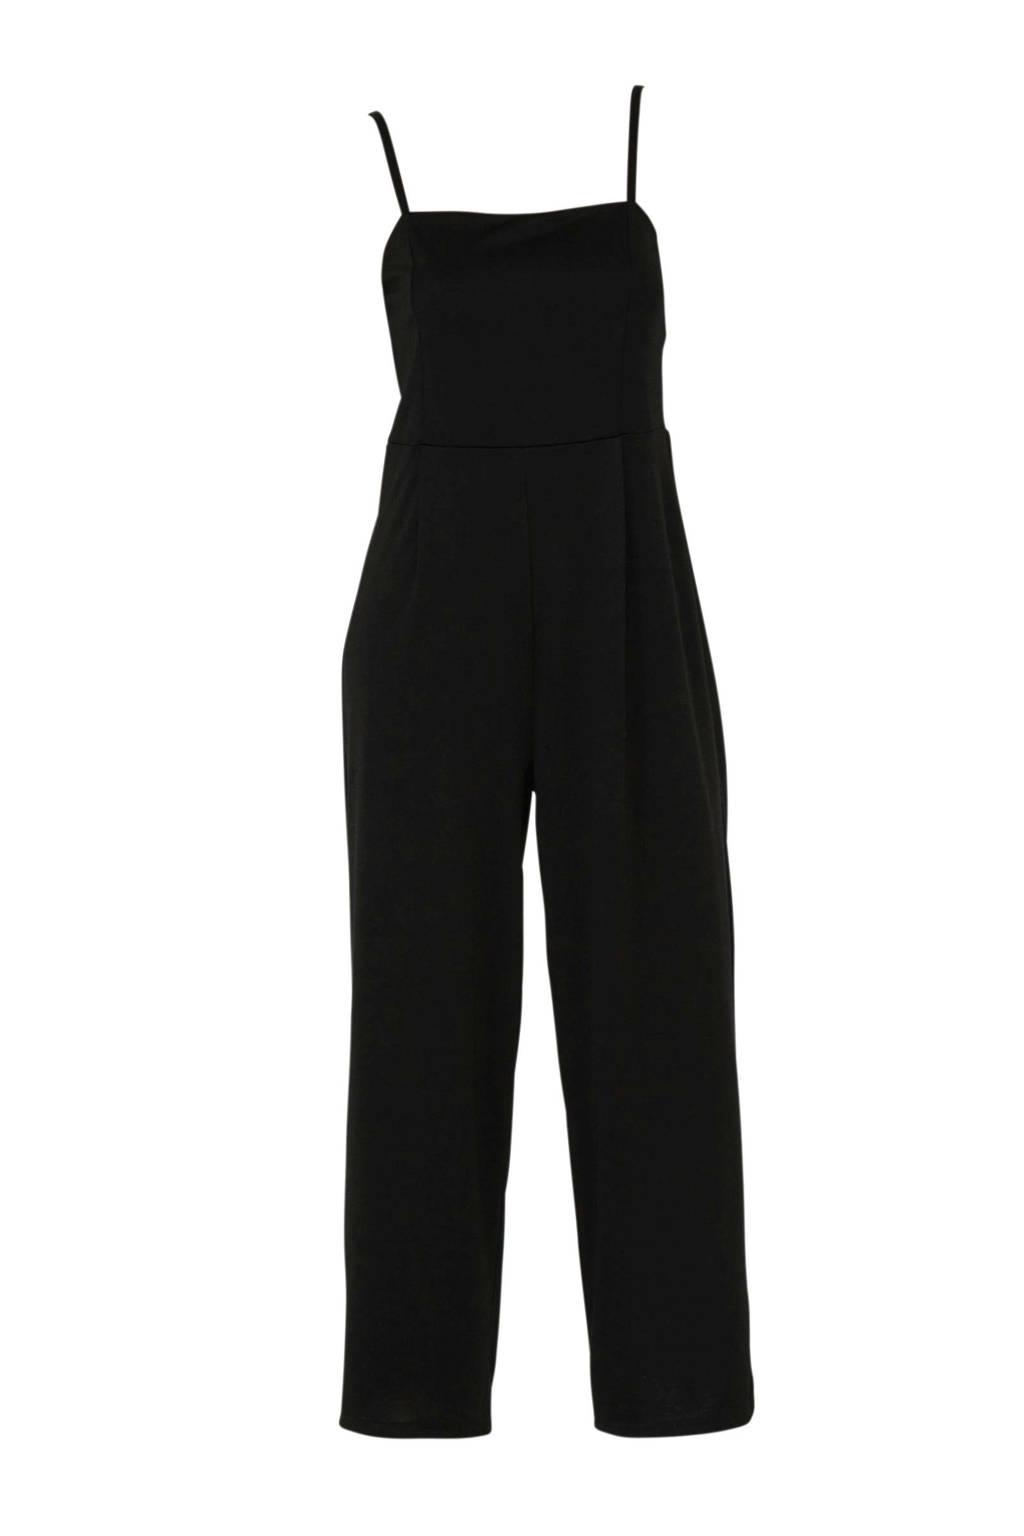 C&A Clockhouse jumpsuit zwart, Zwart